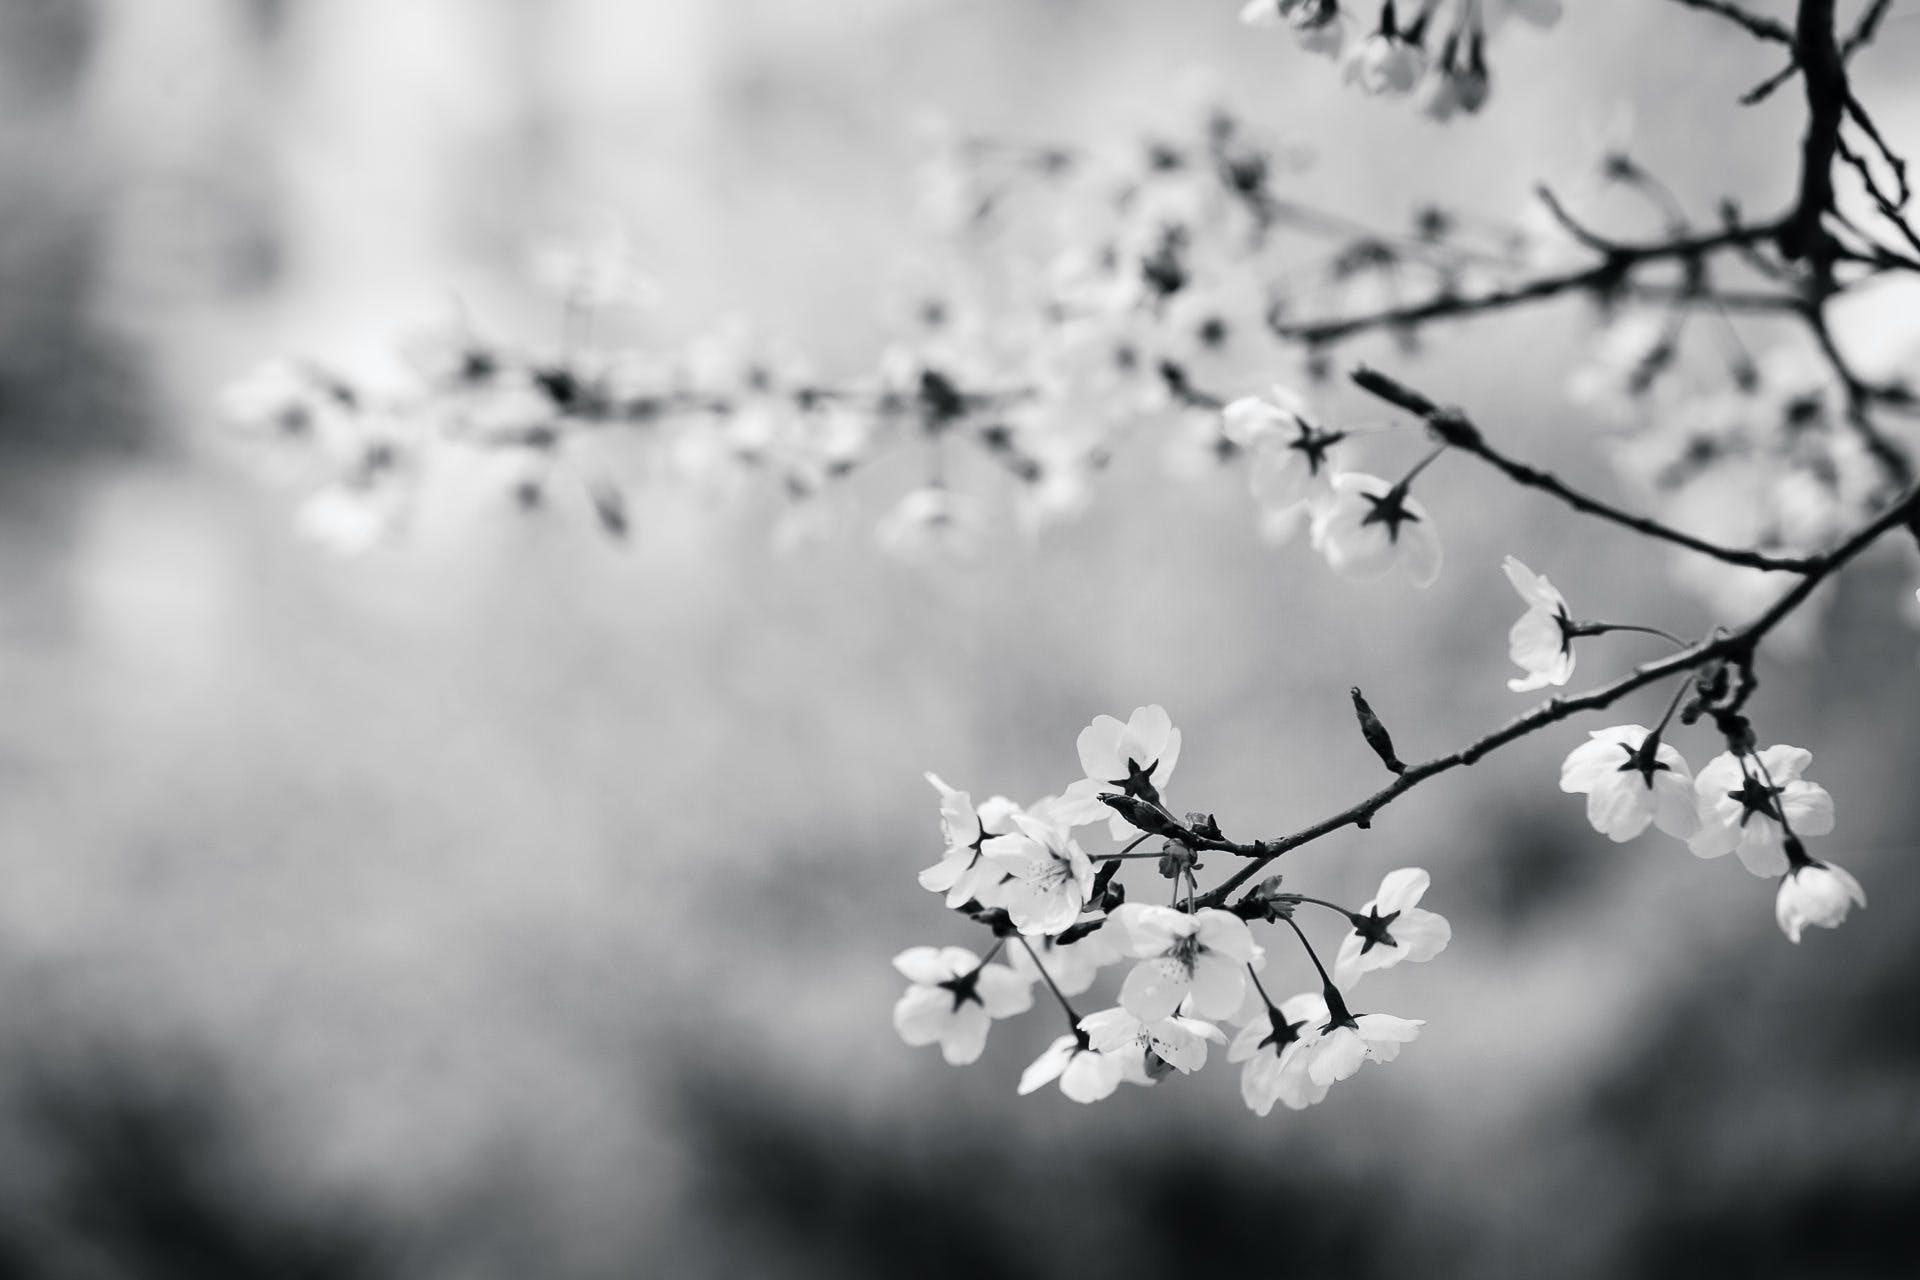 Kostenloses Stock Foto zu schwarz und weiß, blumen, ast, kirschblüte